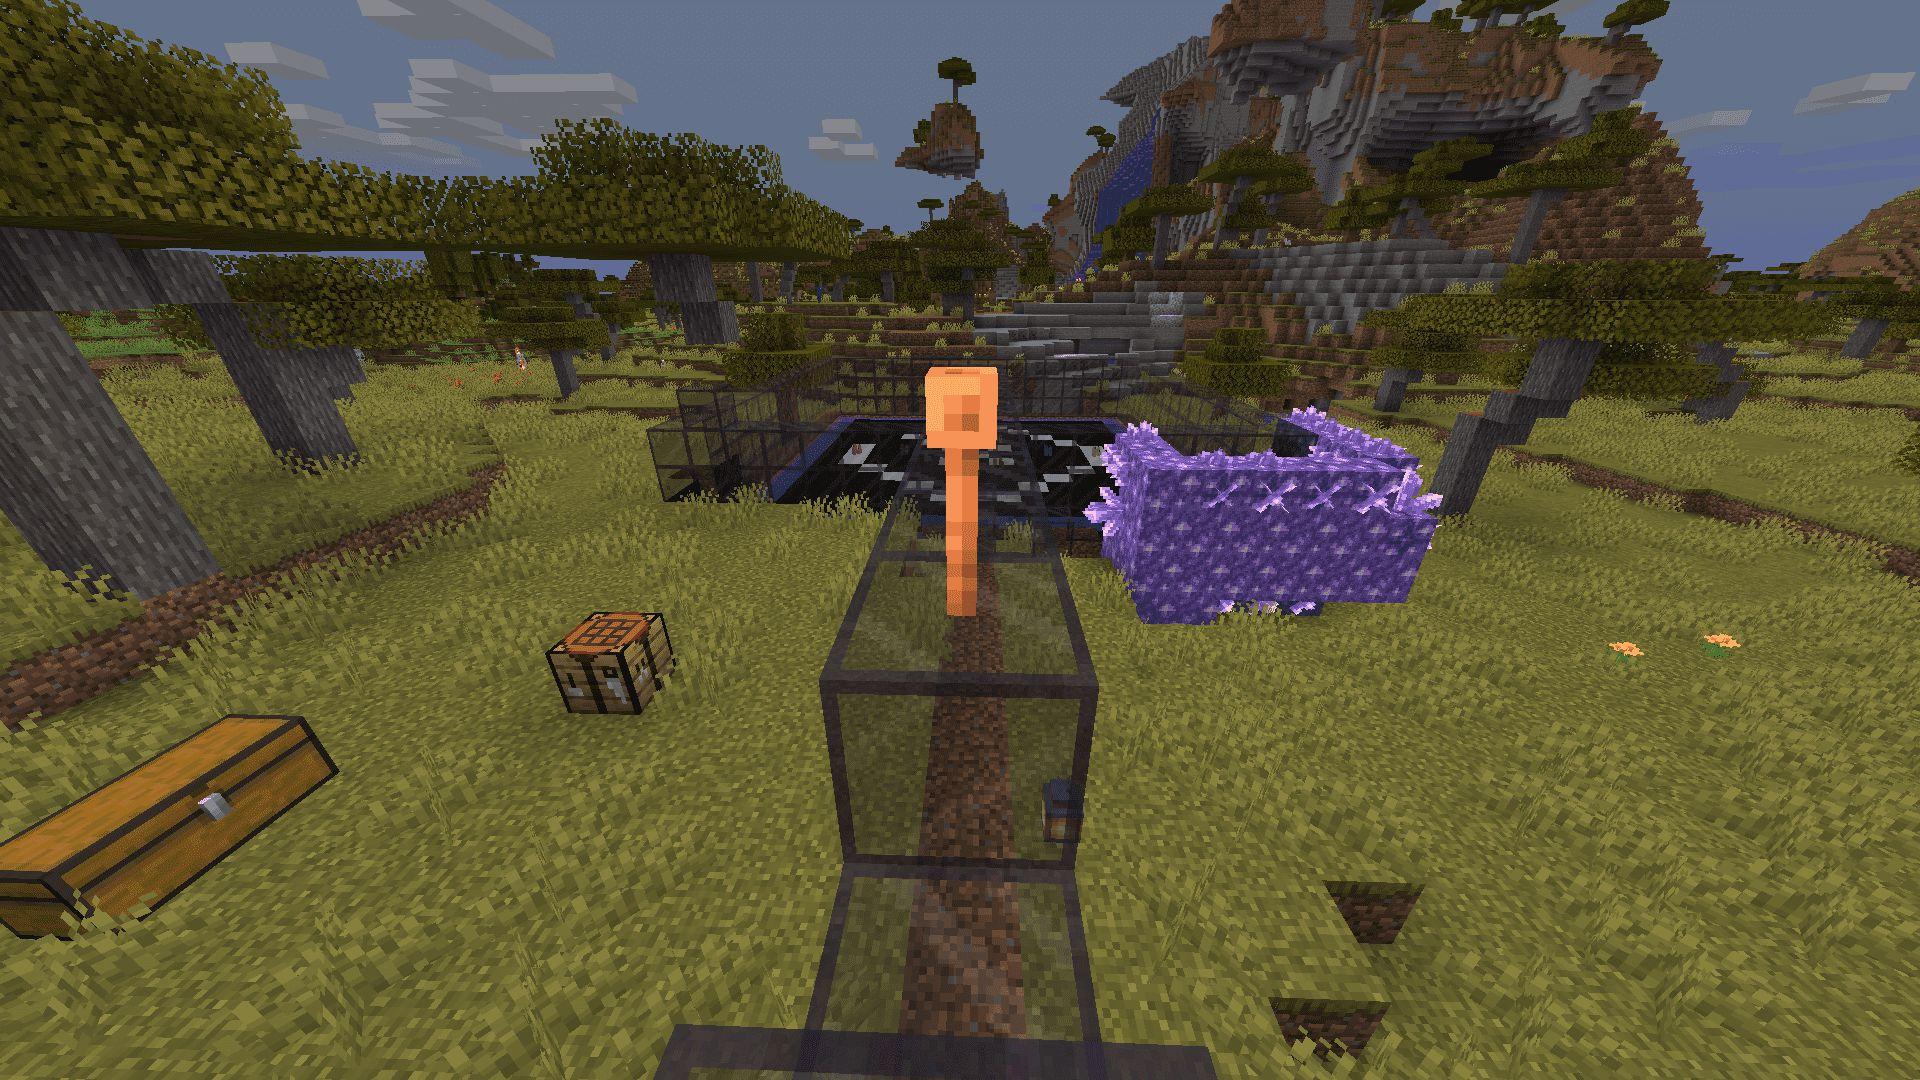 Pararrayos en Minecraft 1.17 con la Snapshot 20W45A